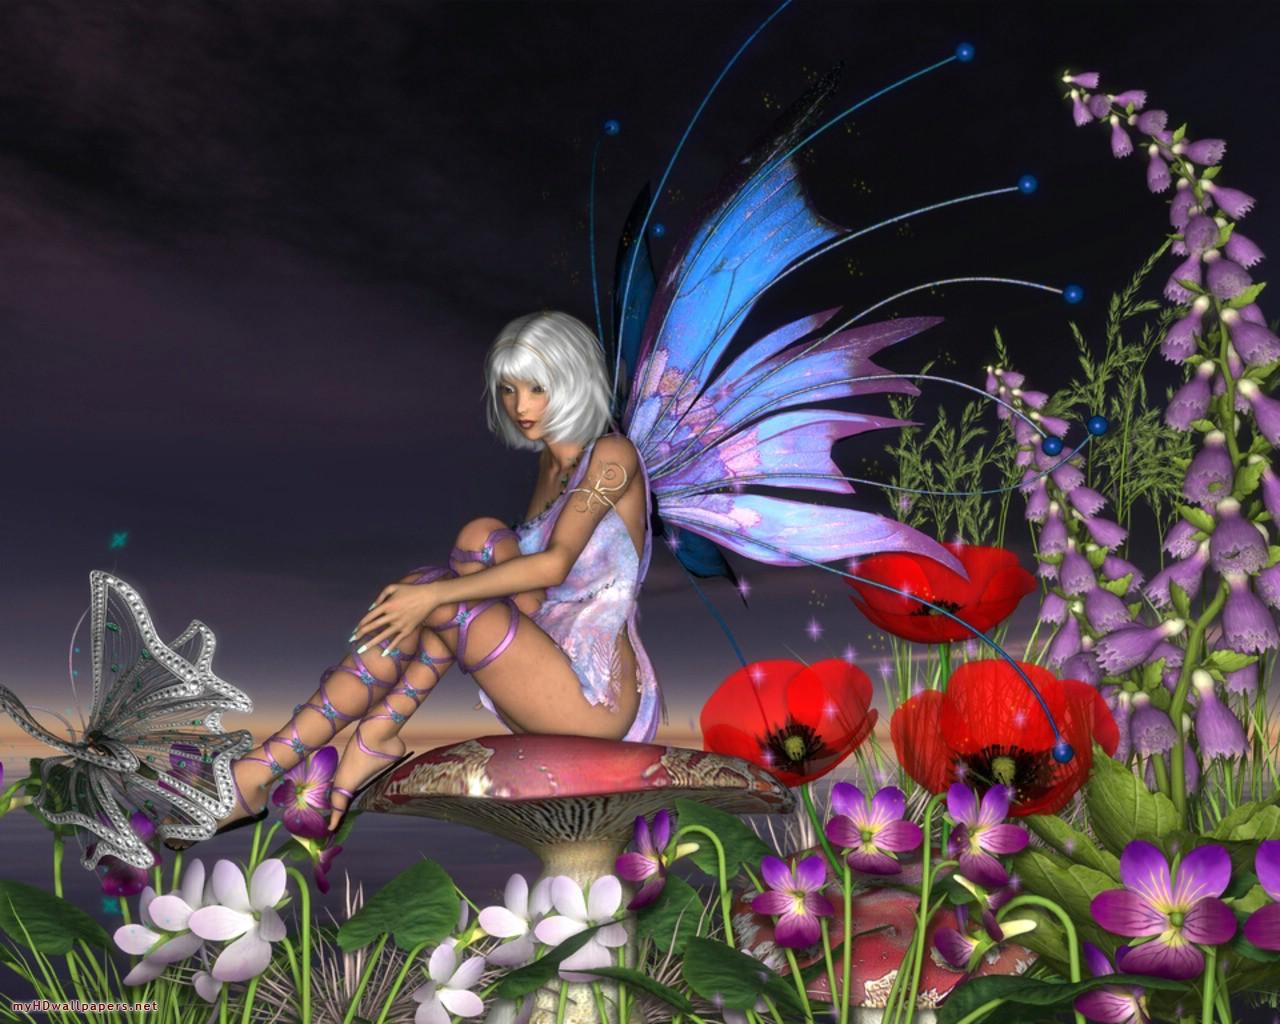 3d futanari elf fairy naked pics